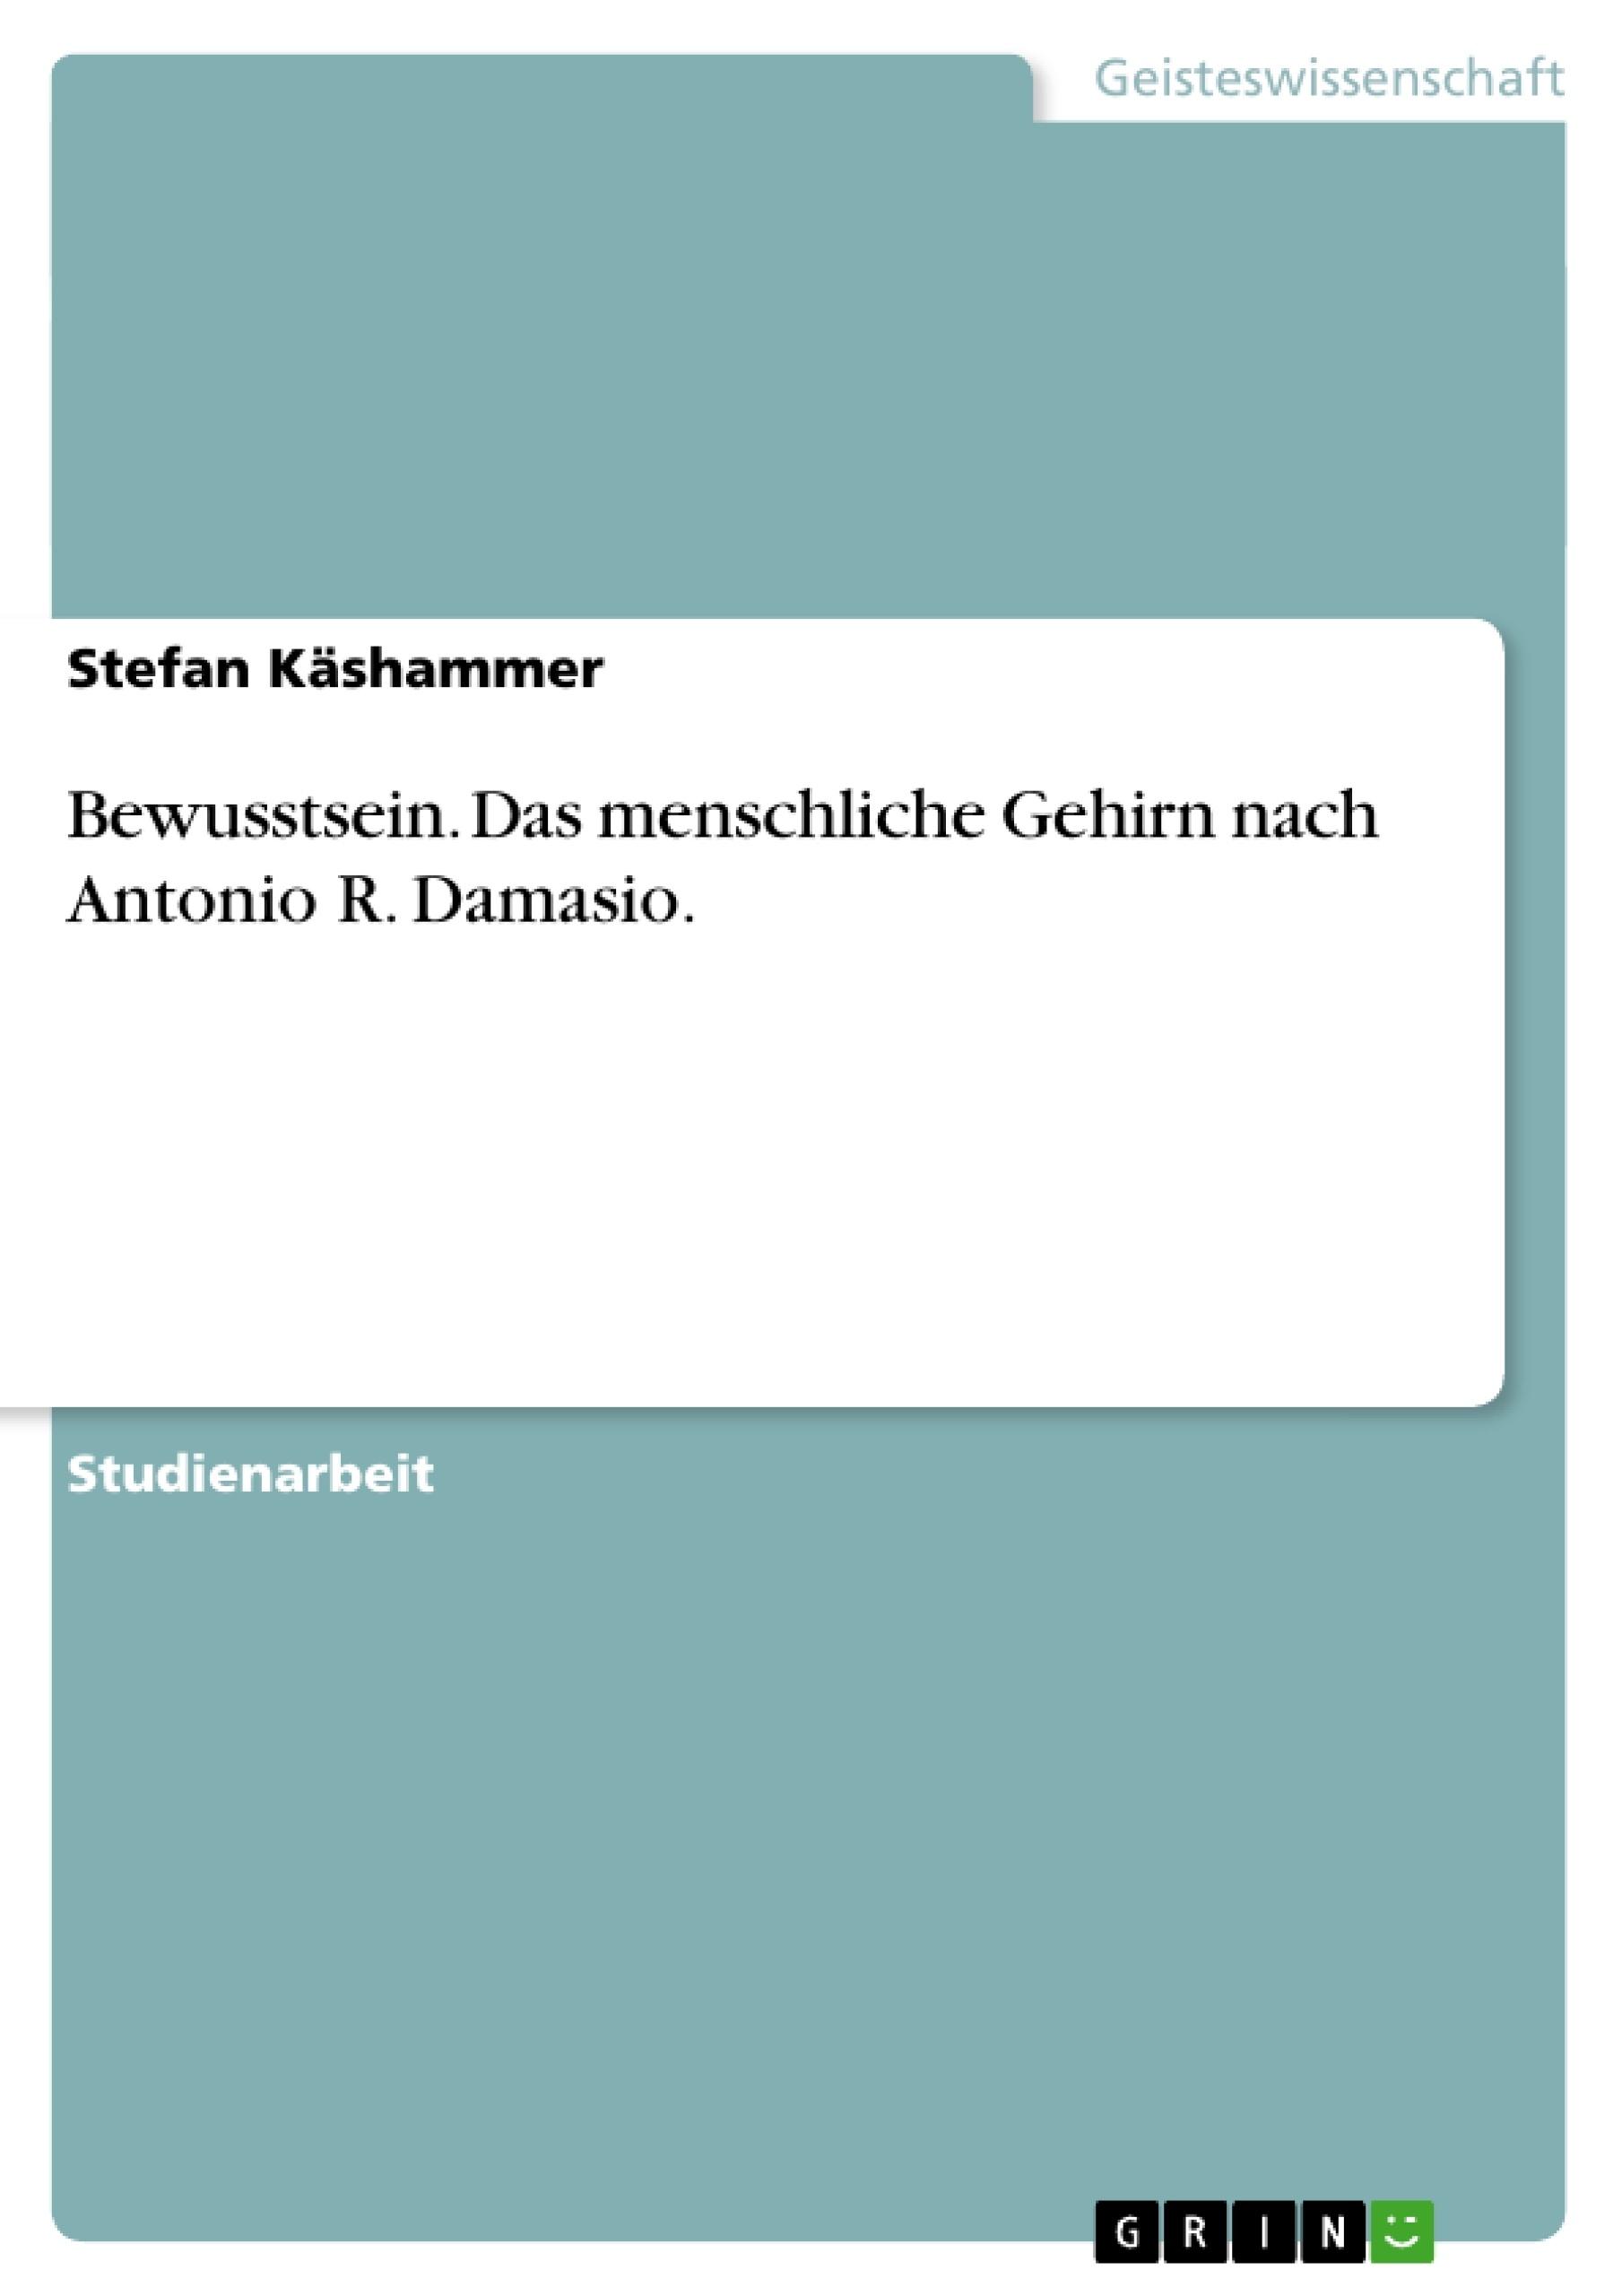 Titel: Bewusstsein. Das menschliche Gehirn nach Antonio R. Damasio.